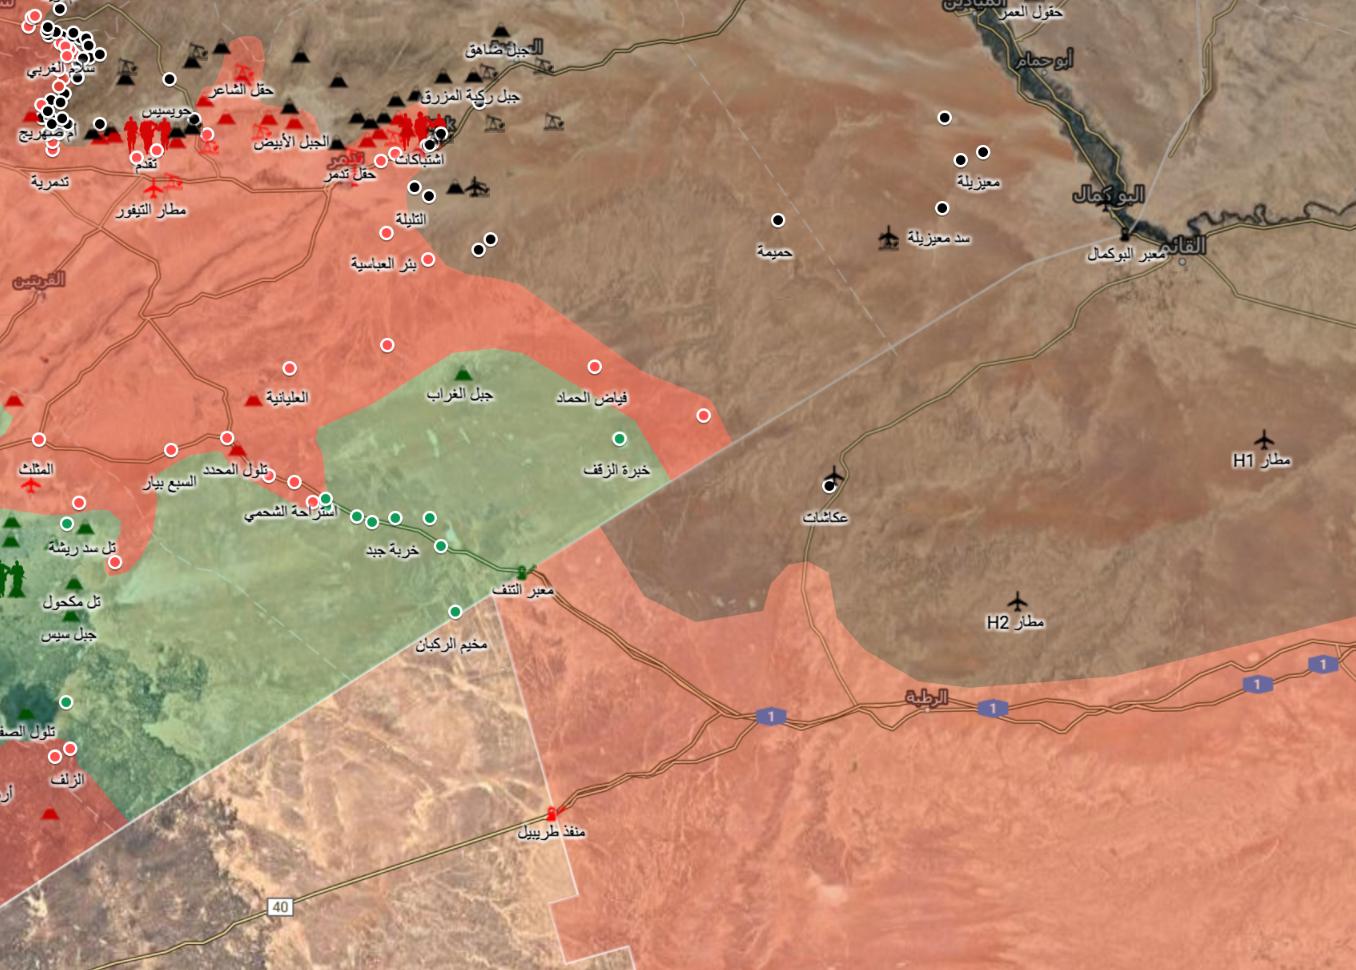 خريطة السيطرة في البادية السورية وعلى الحدود العراقية - 15 حزيران 2017 (ناشطون)